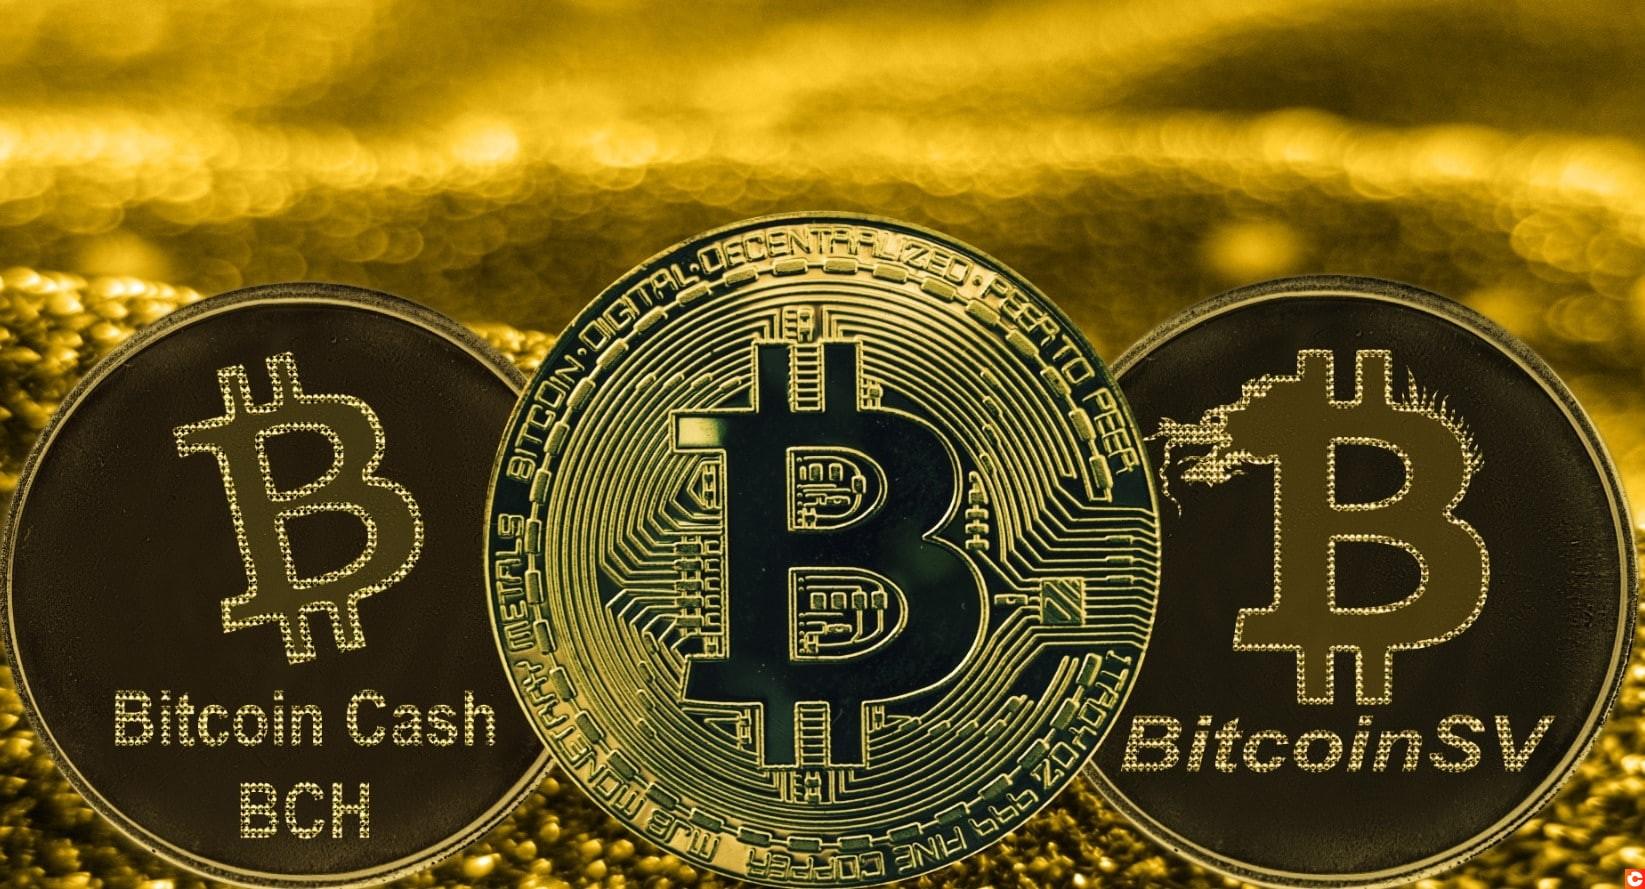 Nous nous retrouvons donc avec trois Bitcoins